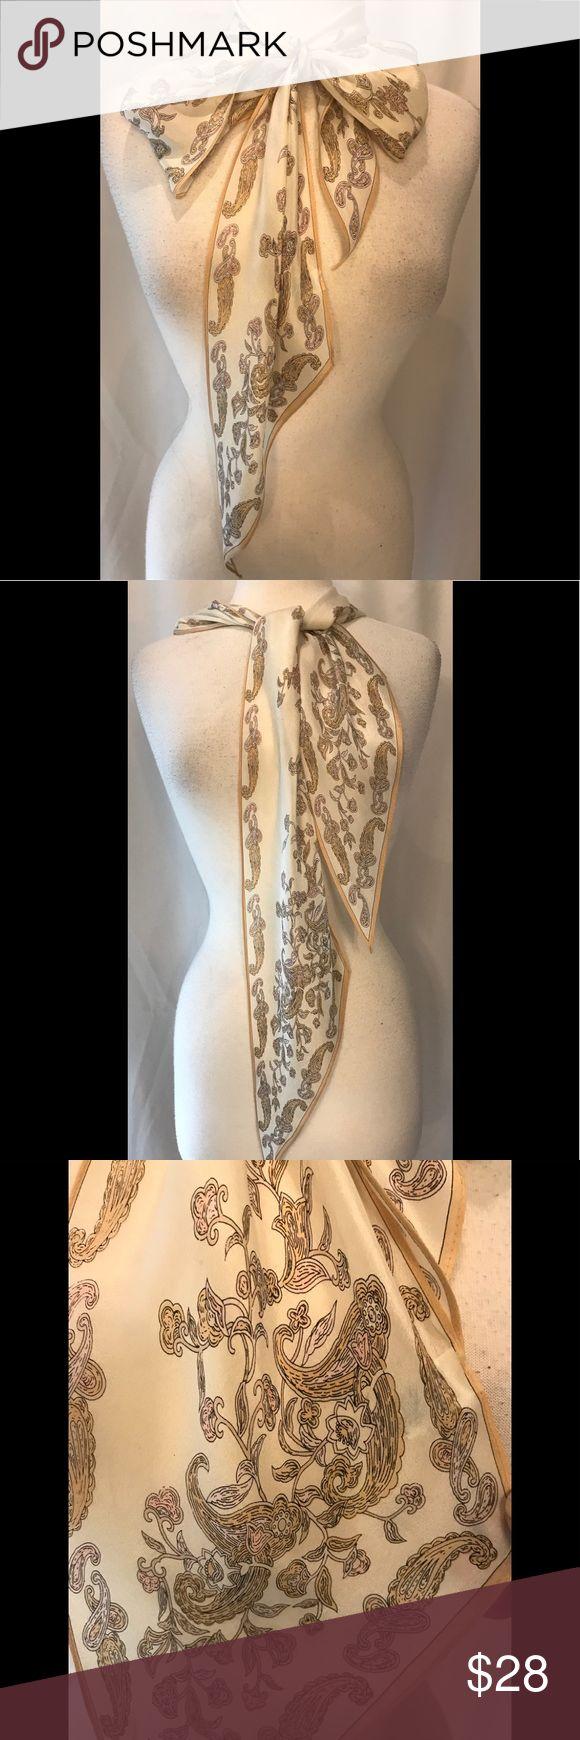 """Oscar de la Renta narrow silk scarf Oscar de la Renta ivory paisley and floral 100% silk scarf. Made in Japan. 68"""" long and 6"""" wide. Beautiful and elegant! Oscar de la Renta Accessories Scarves & Wraps"""